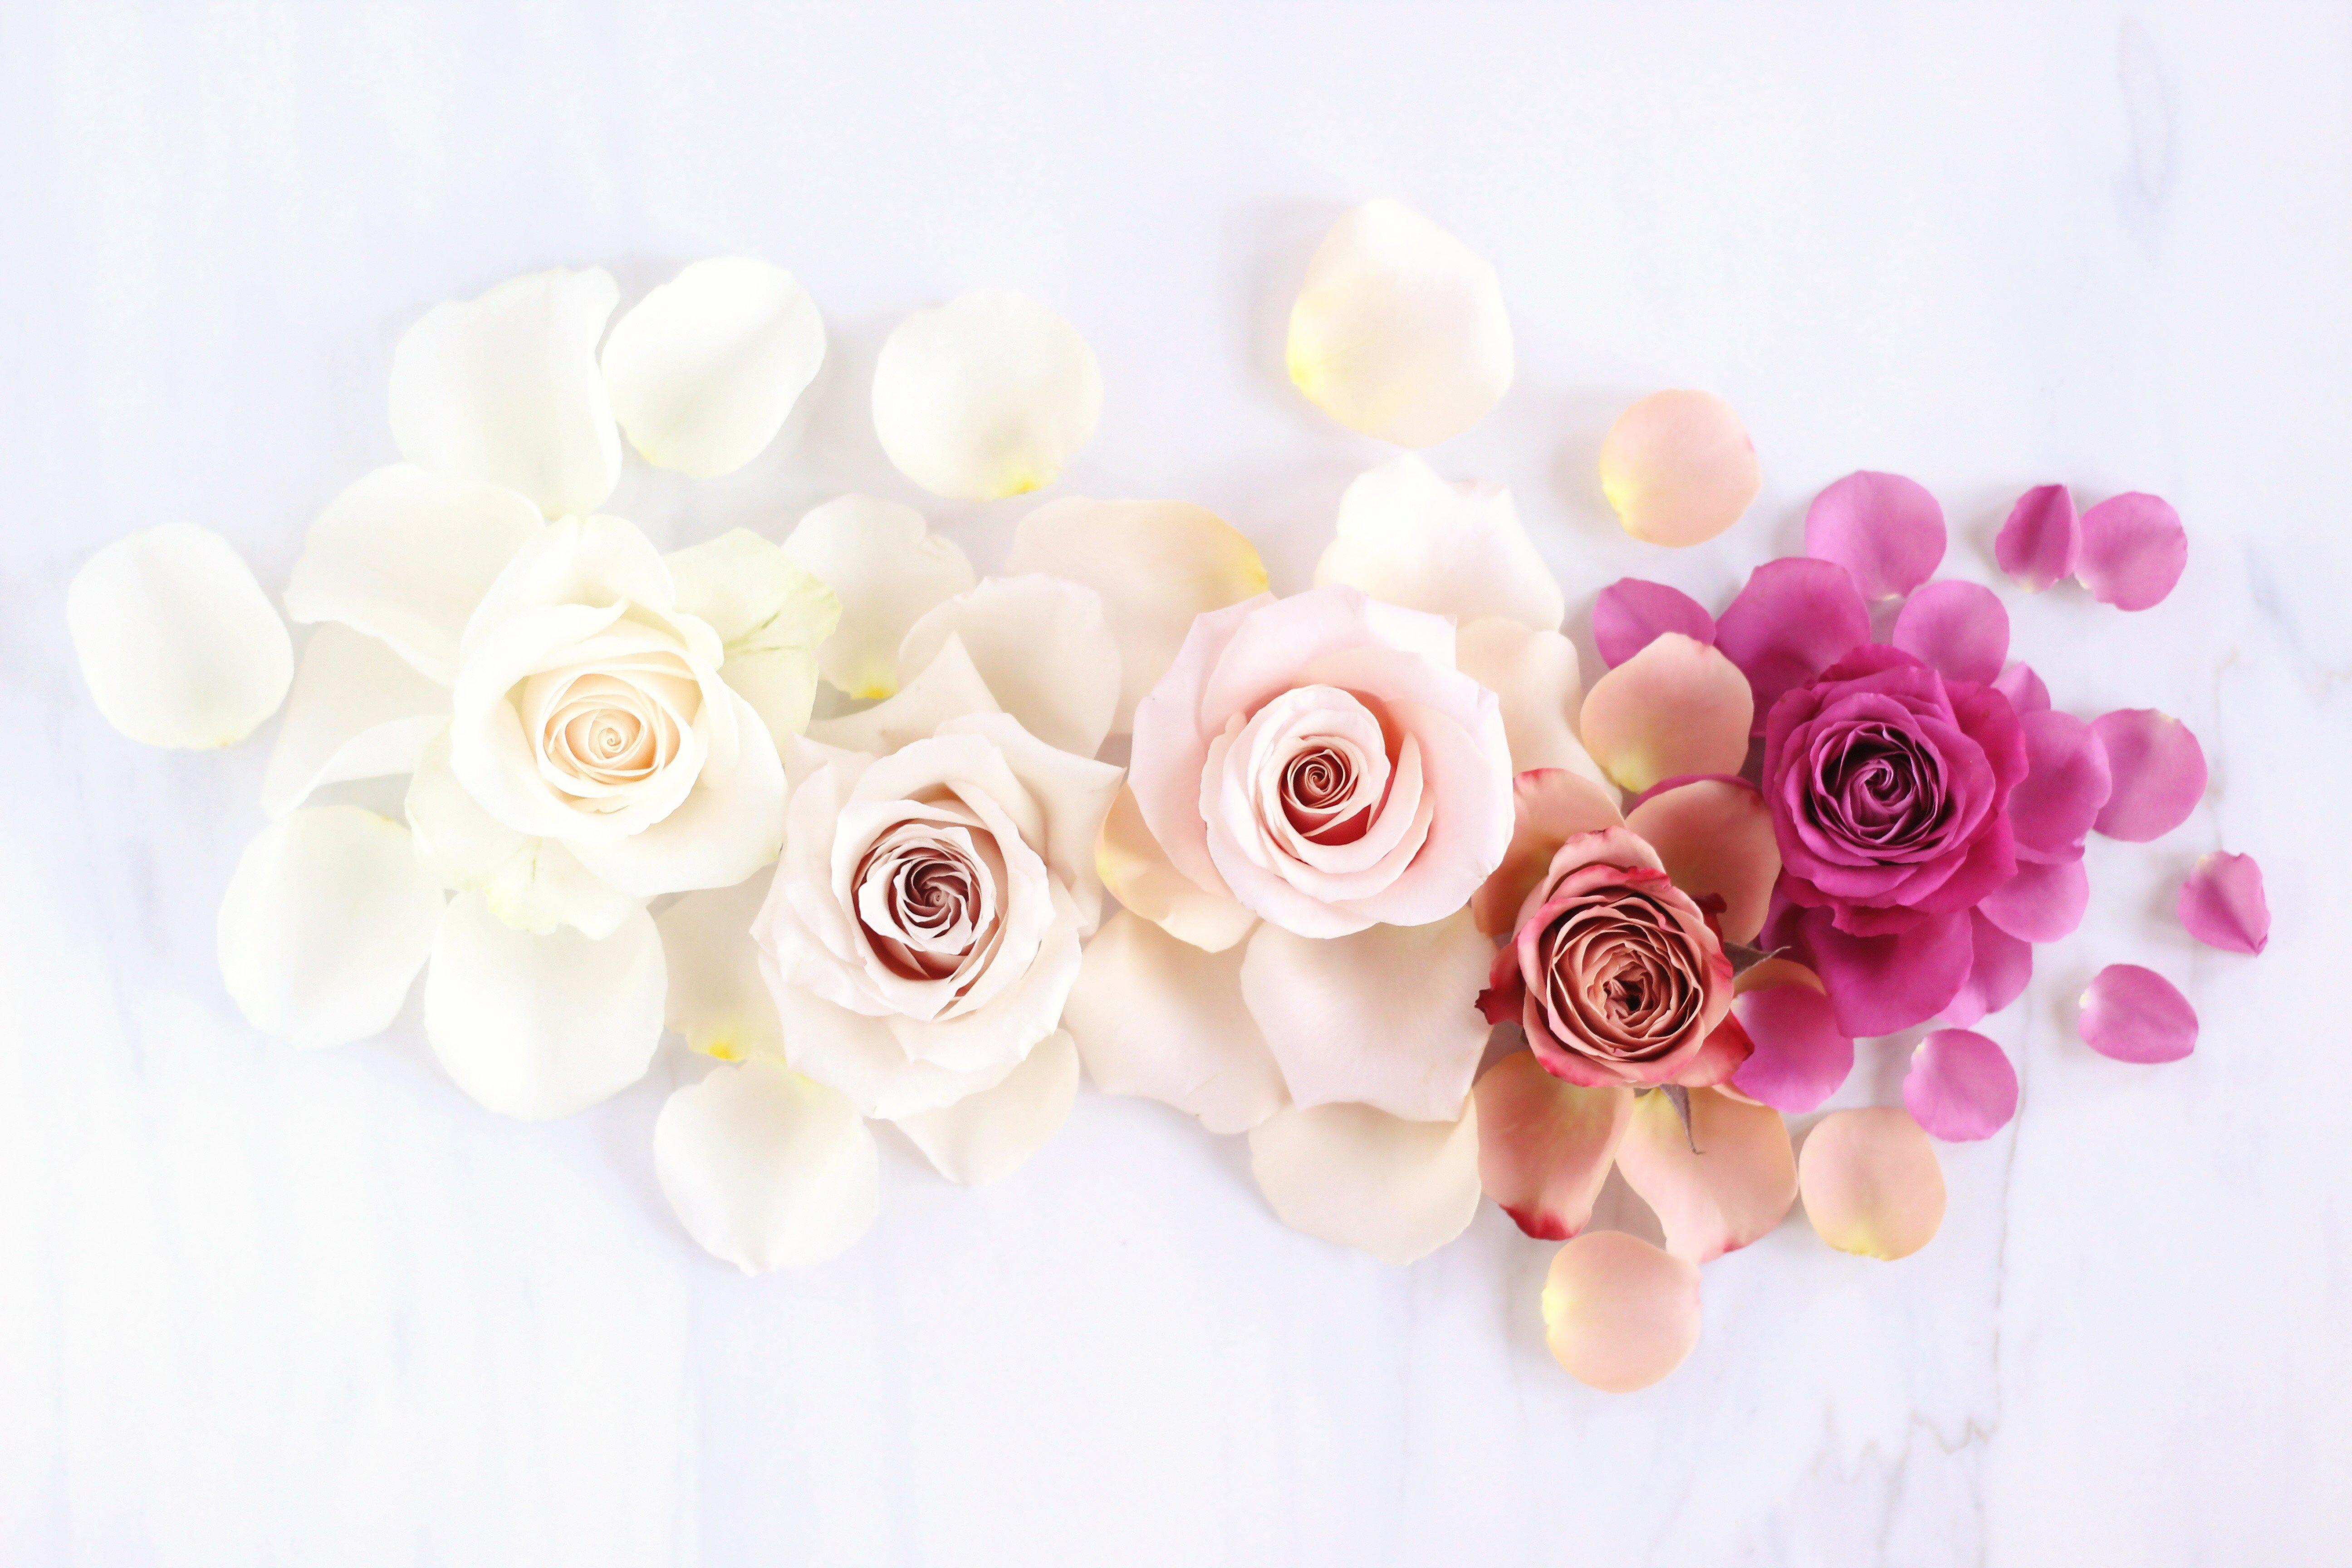 Fondos de pantalla Rosas en Degradado de colores